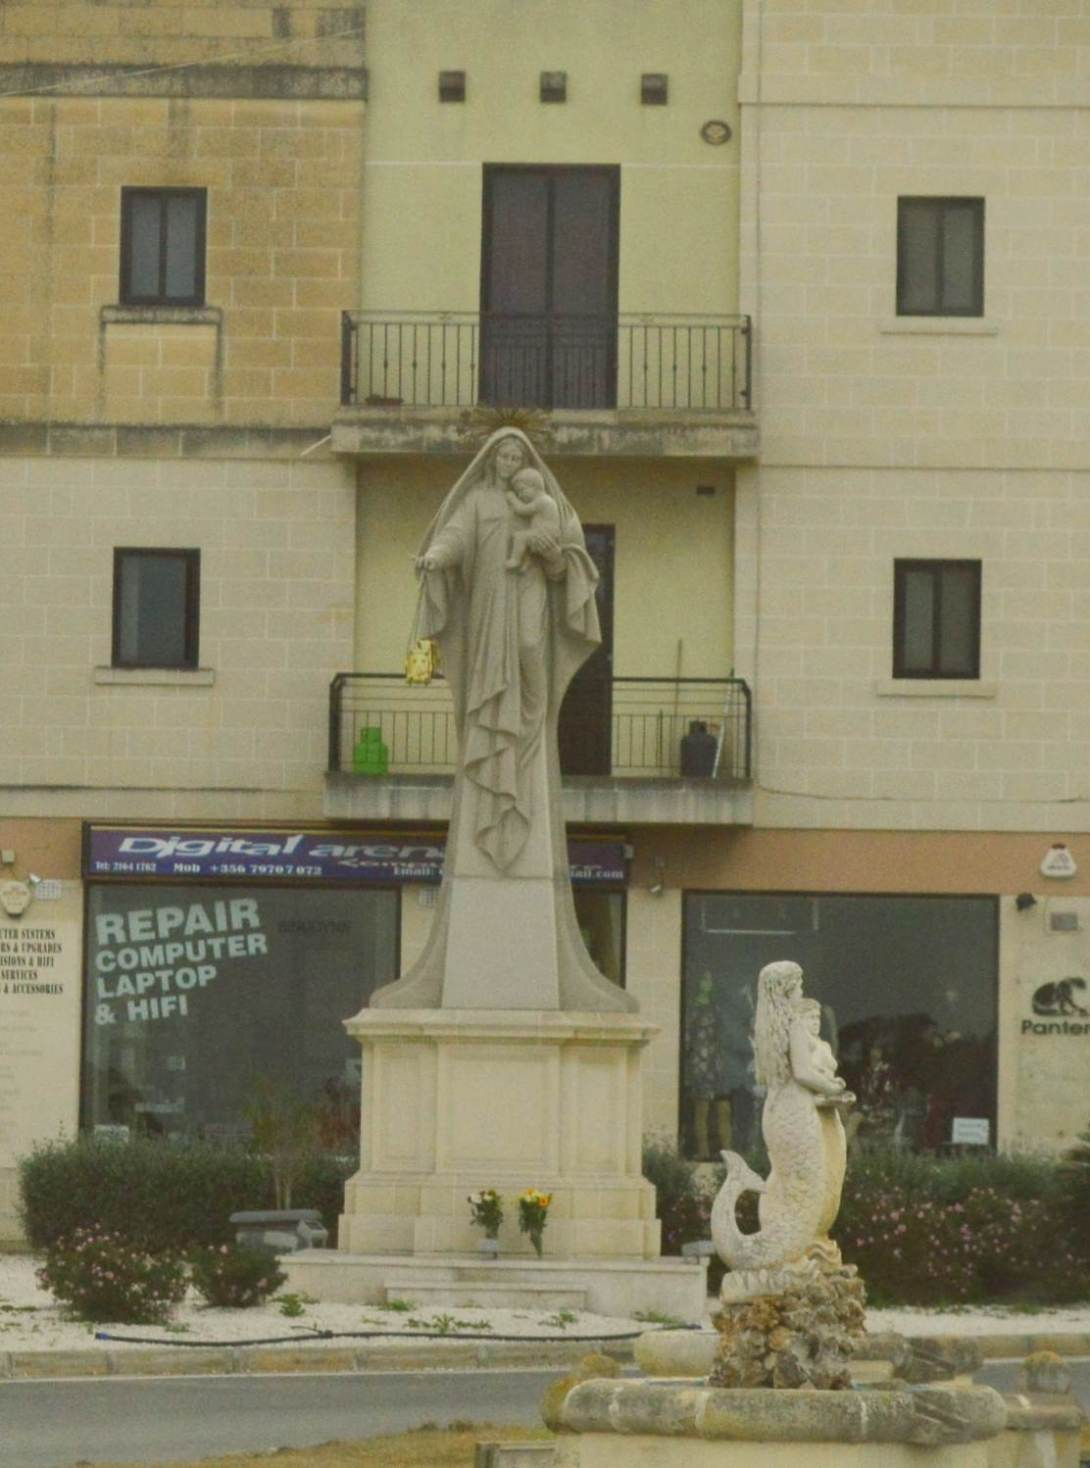 Kreisverkehr mit Maria auf Malta be kitschig blog